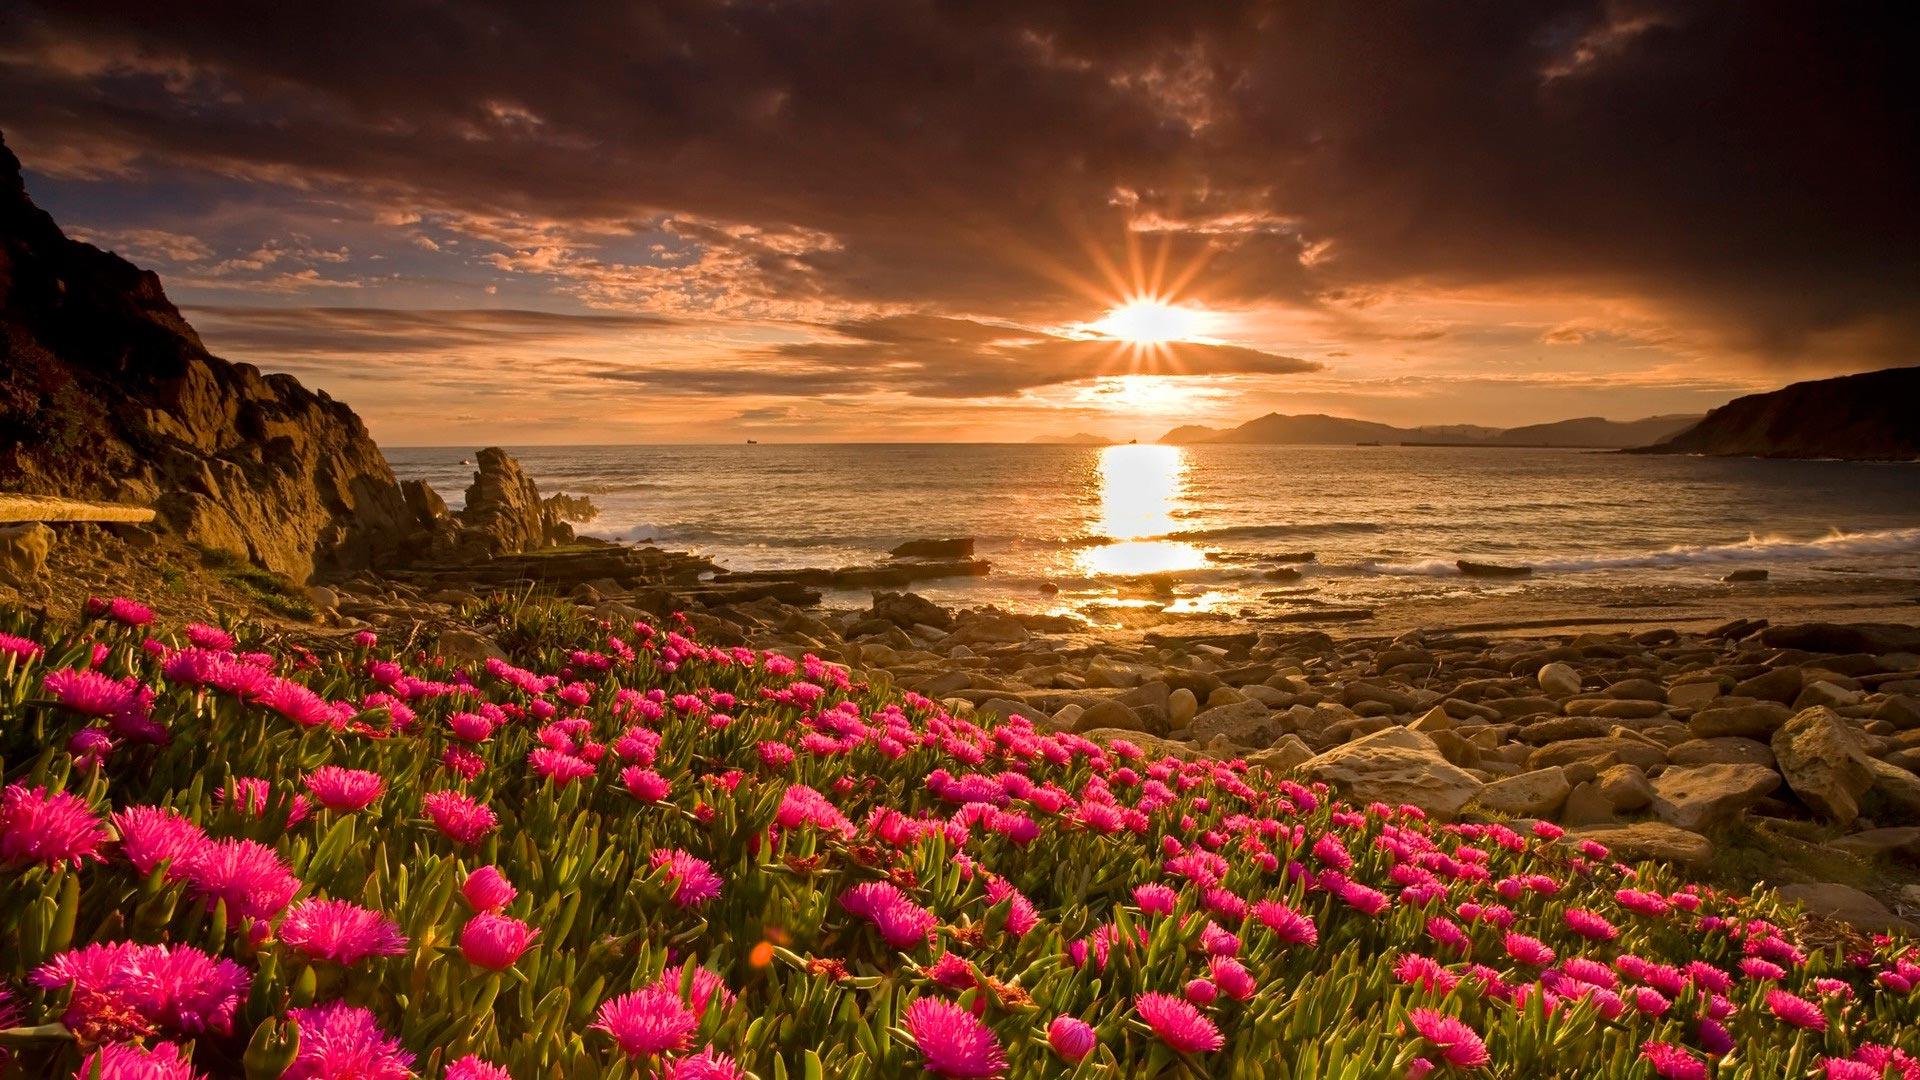 тесто красивые цветы в природе широкоформатное фото очень популярный